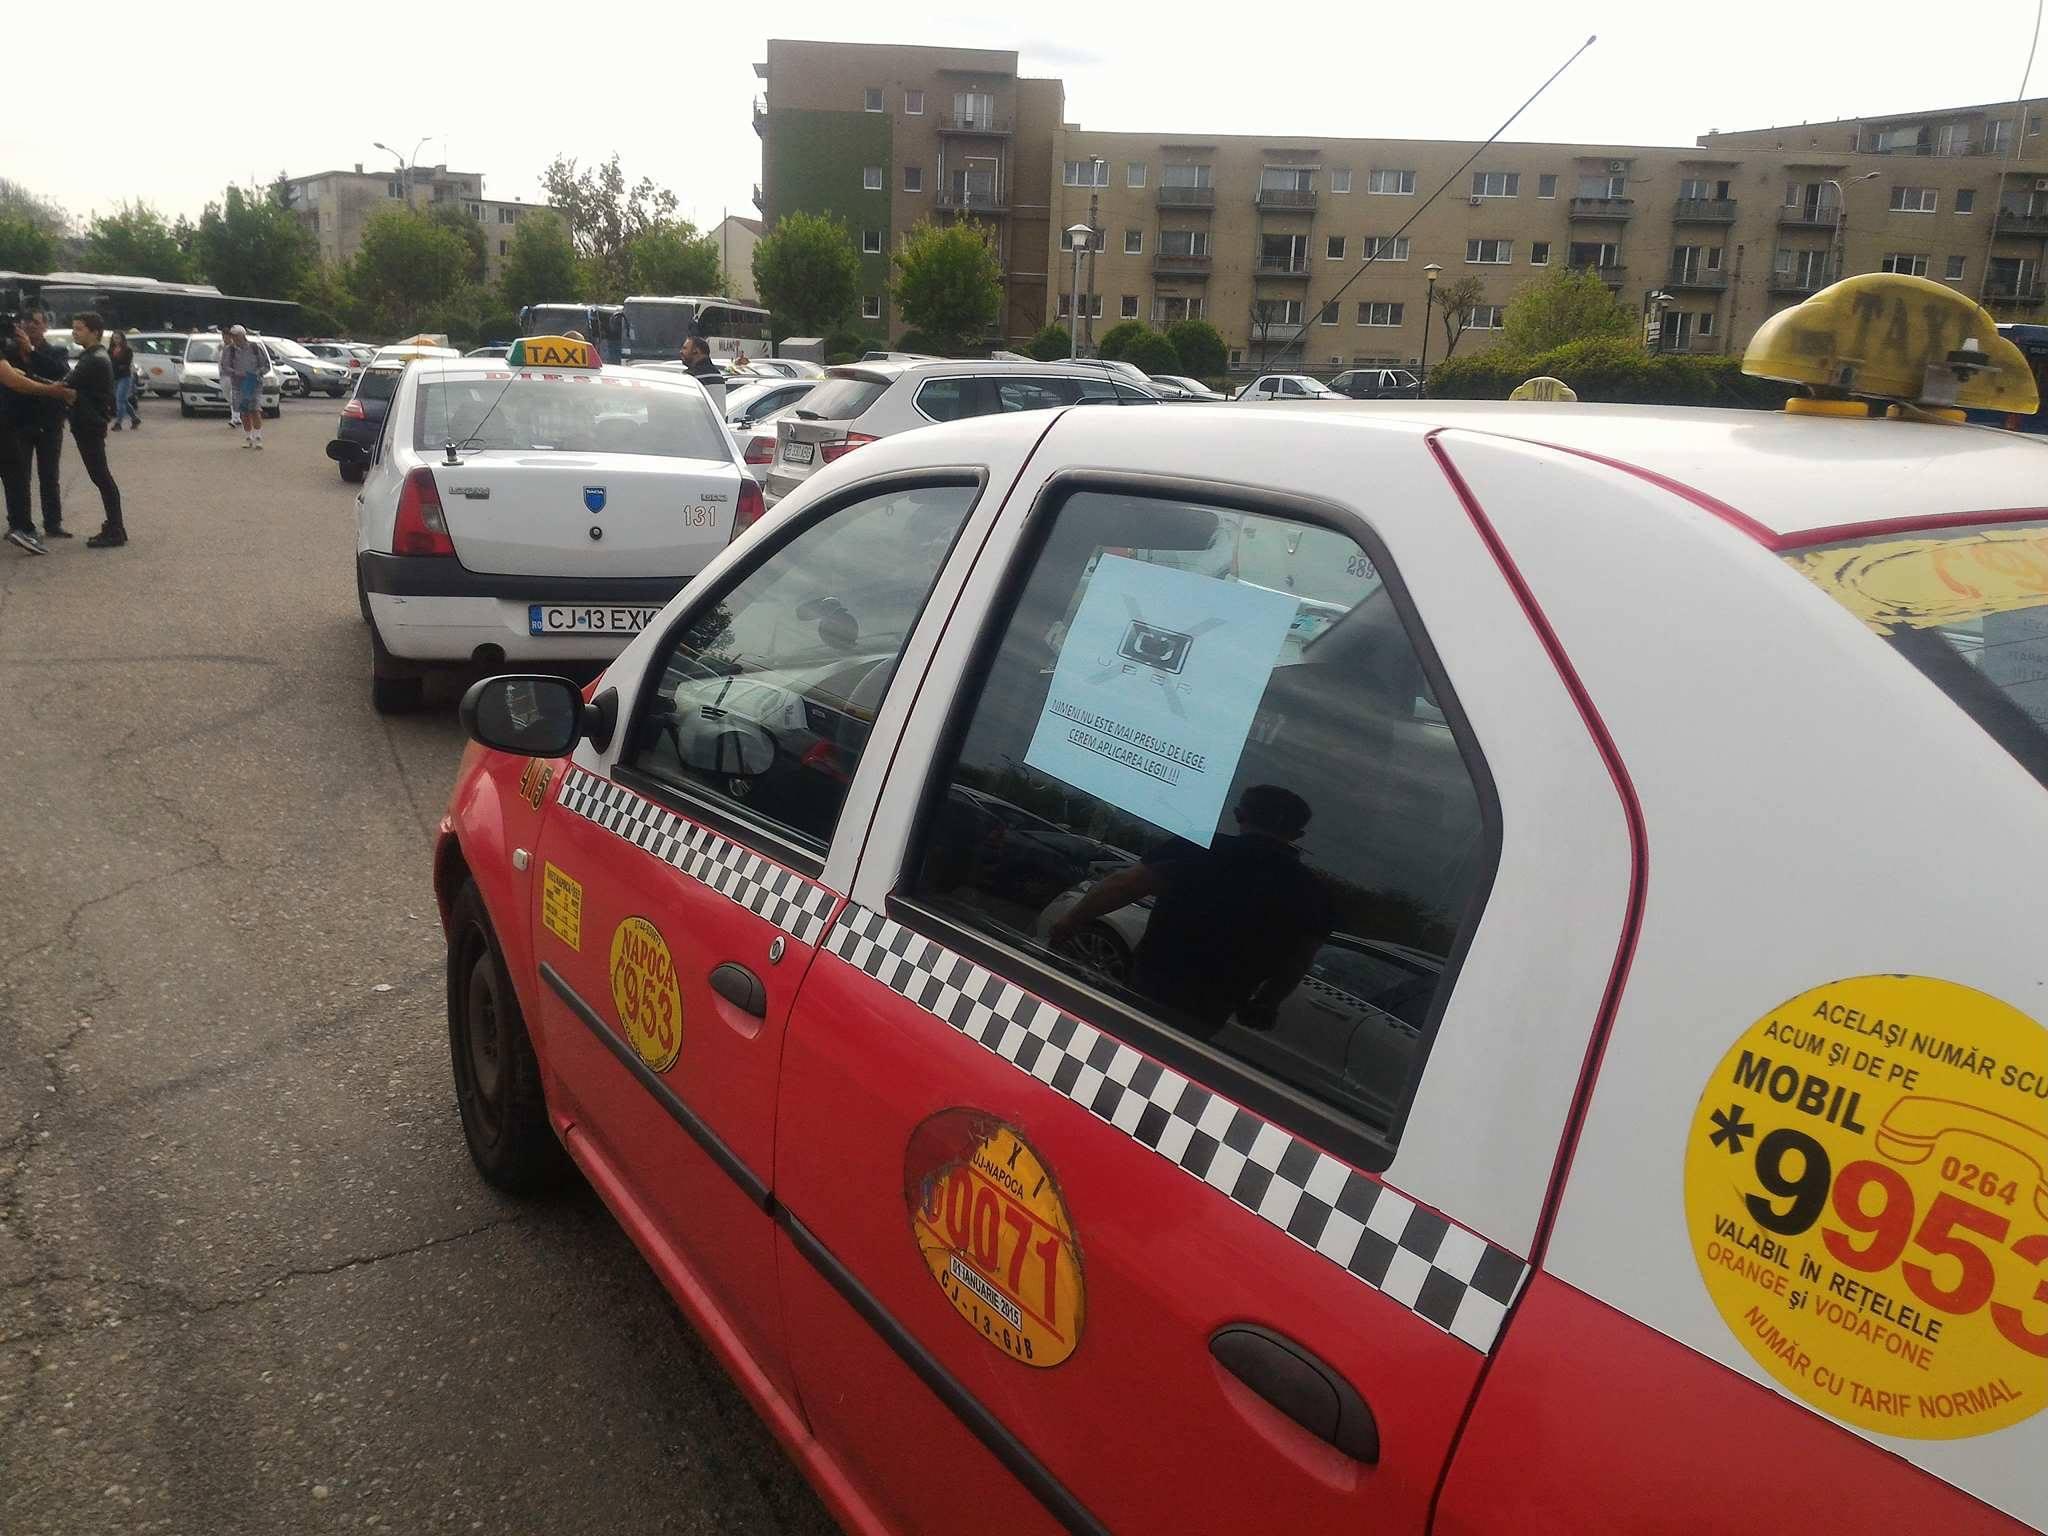 Asociaţia pentru Drepturile Taximetriştilor Independenţi pregăteşte un protest în Capitală. Când va avea loc acesta şi cum îi va afecta pe cetăţeni